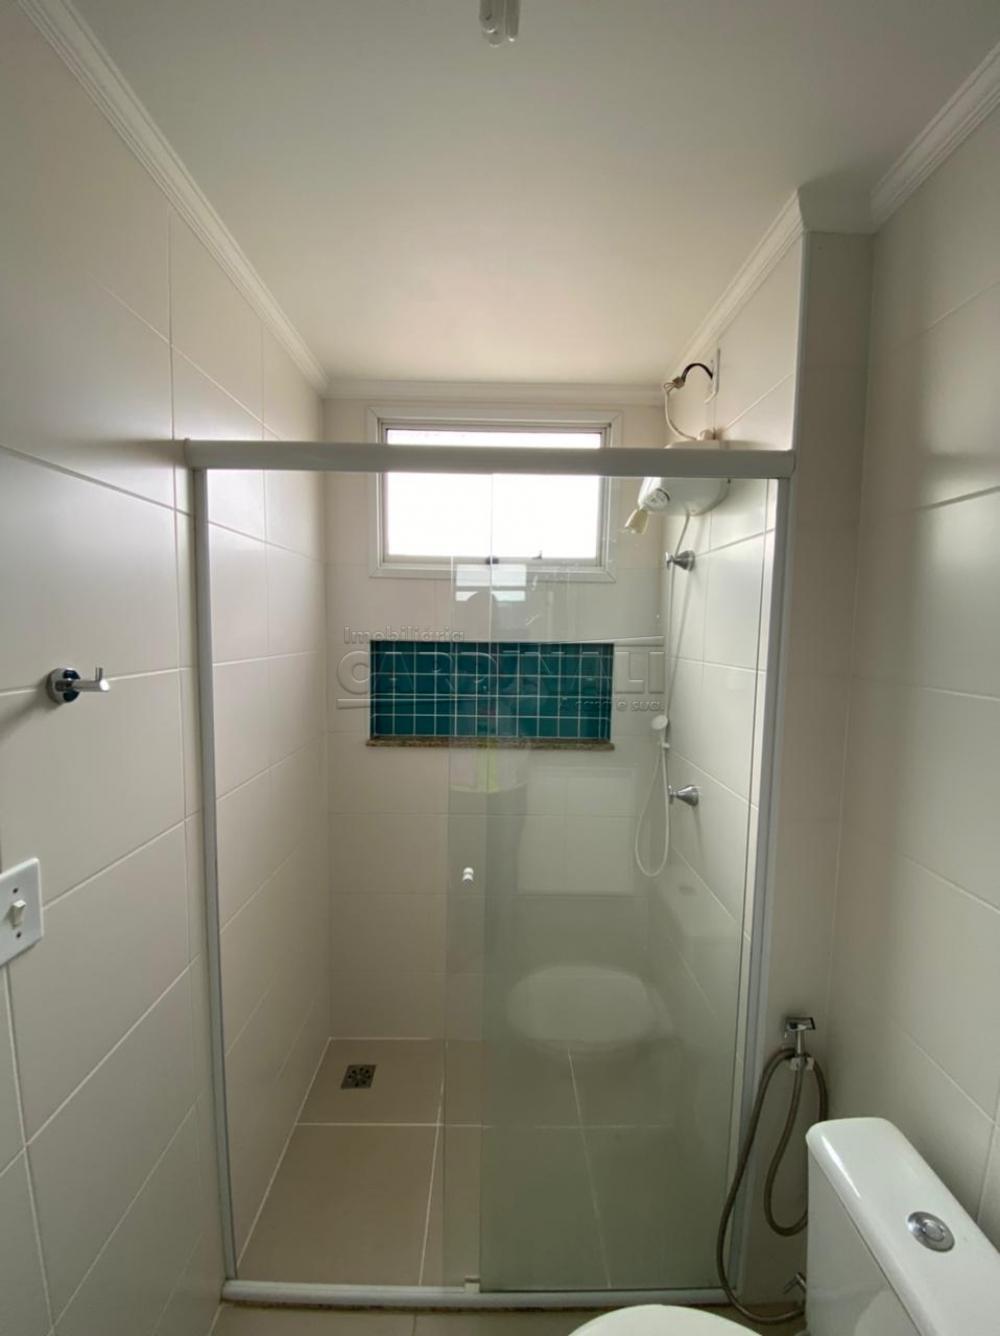 Alugar Apartamento / Padrão em São Carlos R$ 1.700,00 - Foto 4